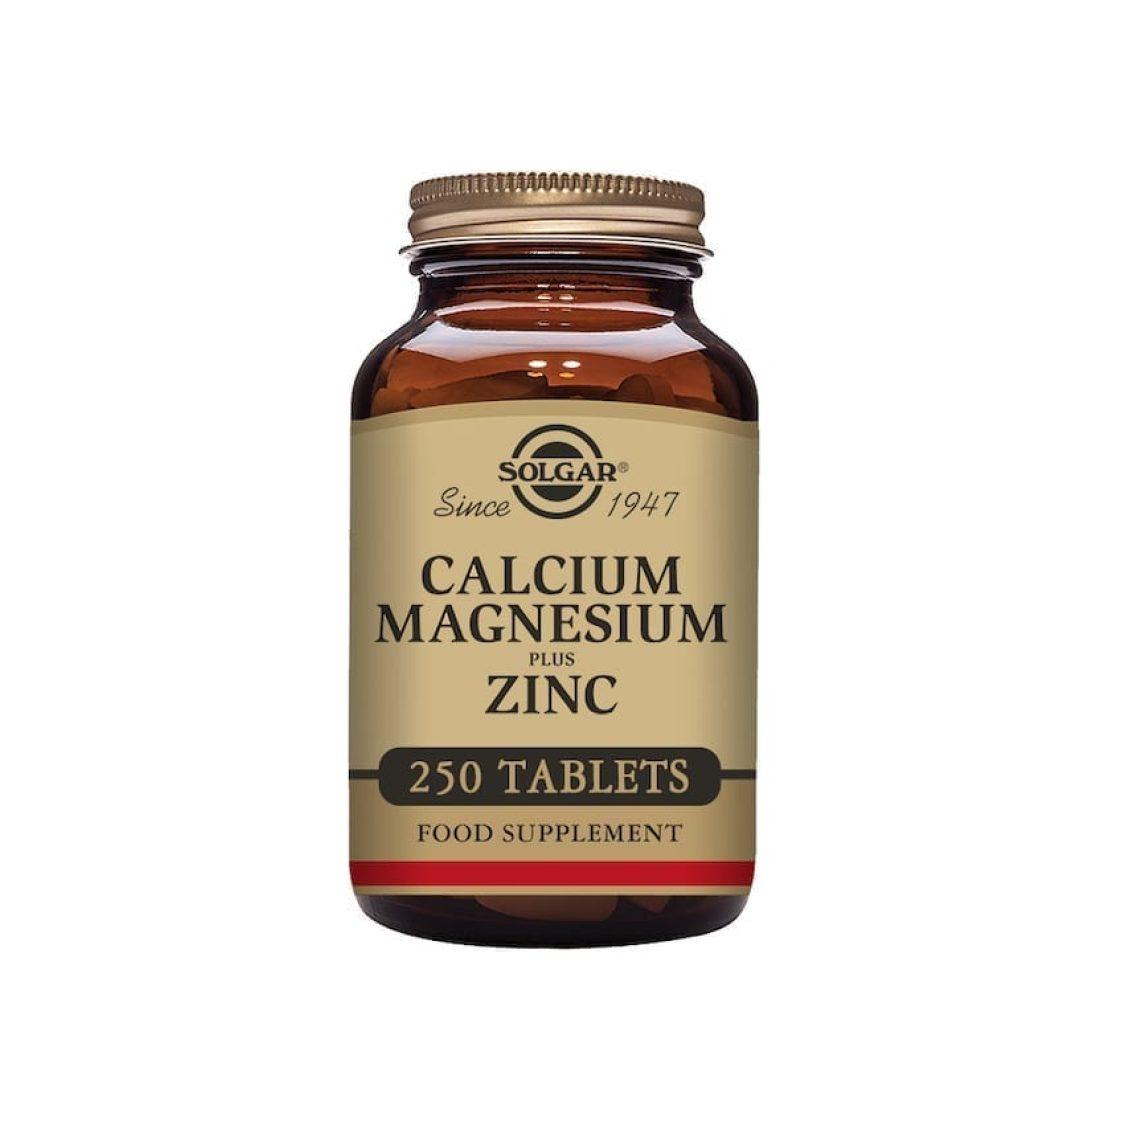 Solgar - Minerals  - Calcium Magnesium Plus Zinc Tabs - Size: 250